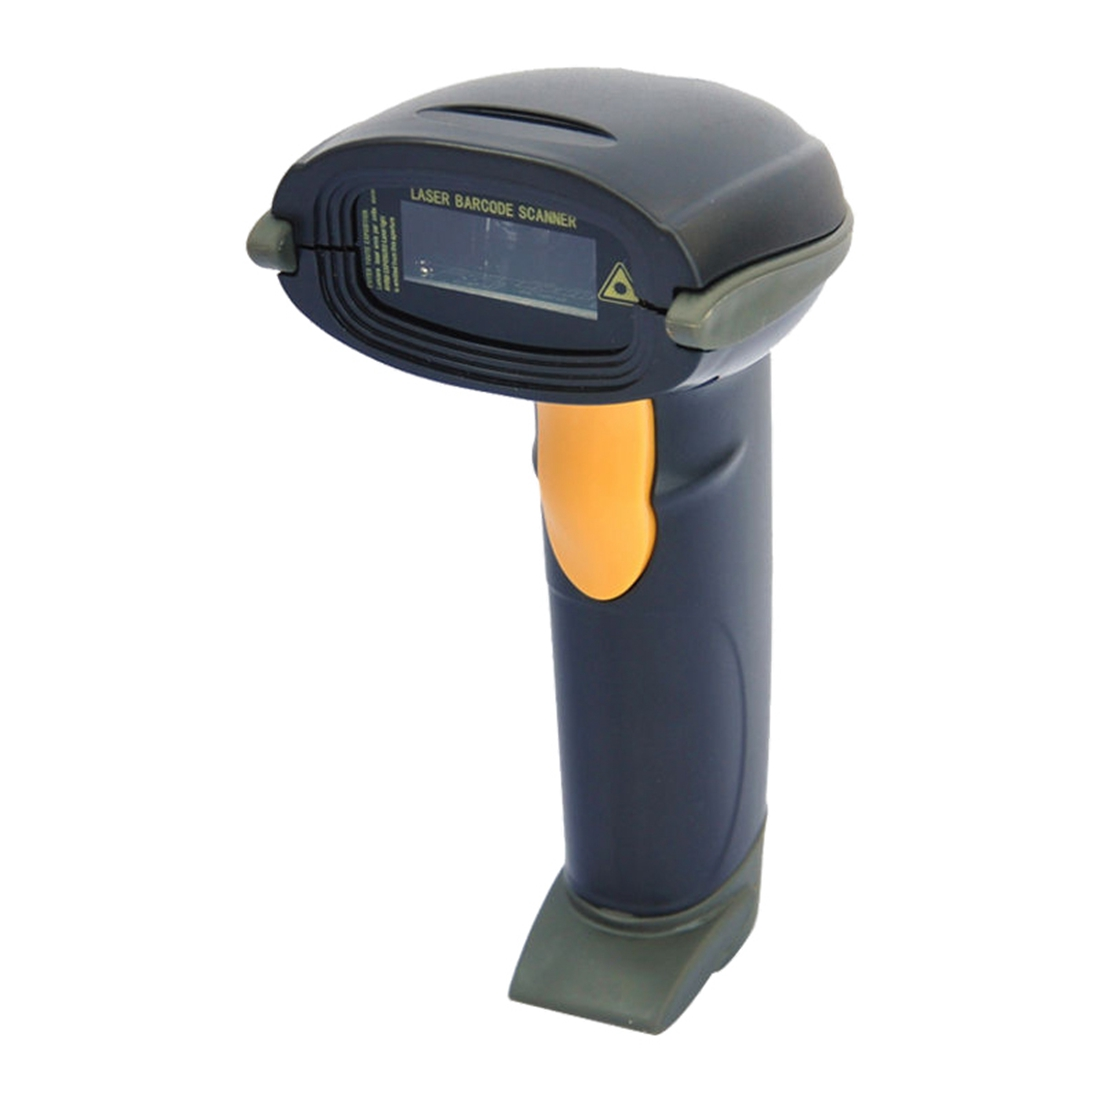 Ppyy NEW-автоматический USB Длинные сканирования ручной POS сканер штрихкодов считывания штрих-кода